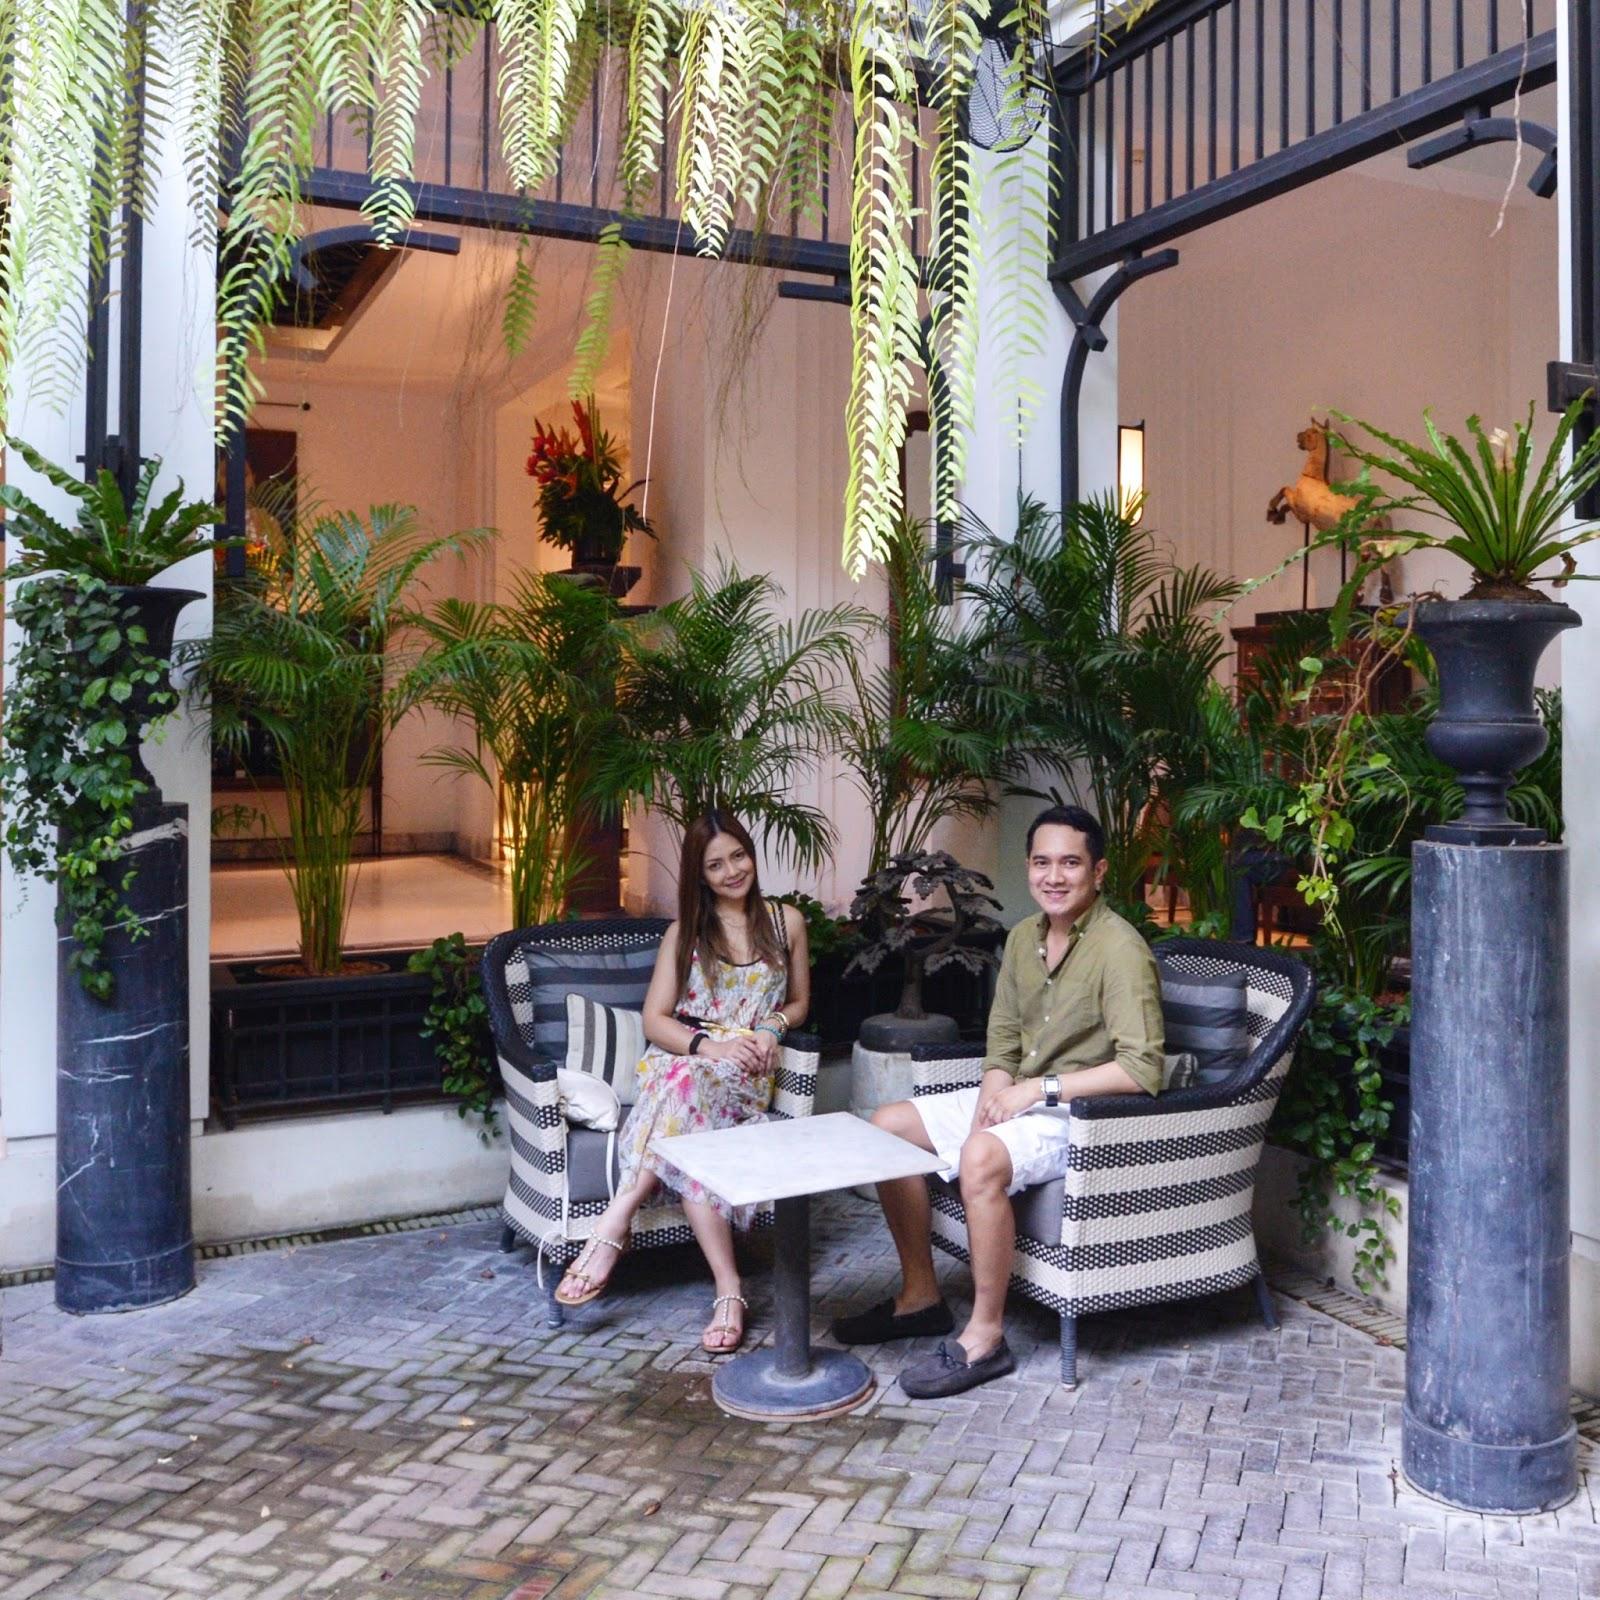 Grandeur Traveler The Siam Hotel An Urban Oasis in Bangkok